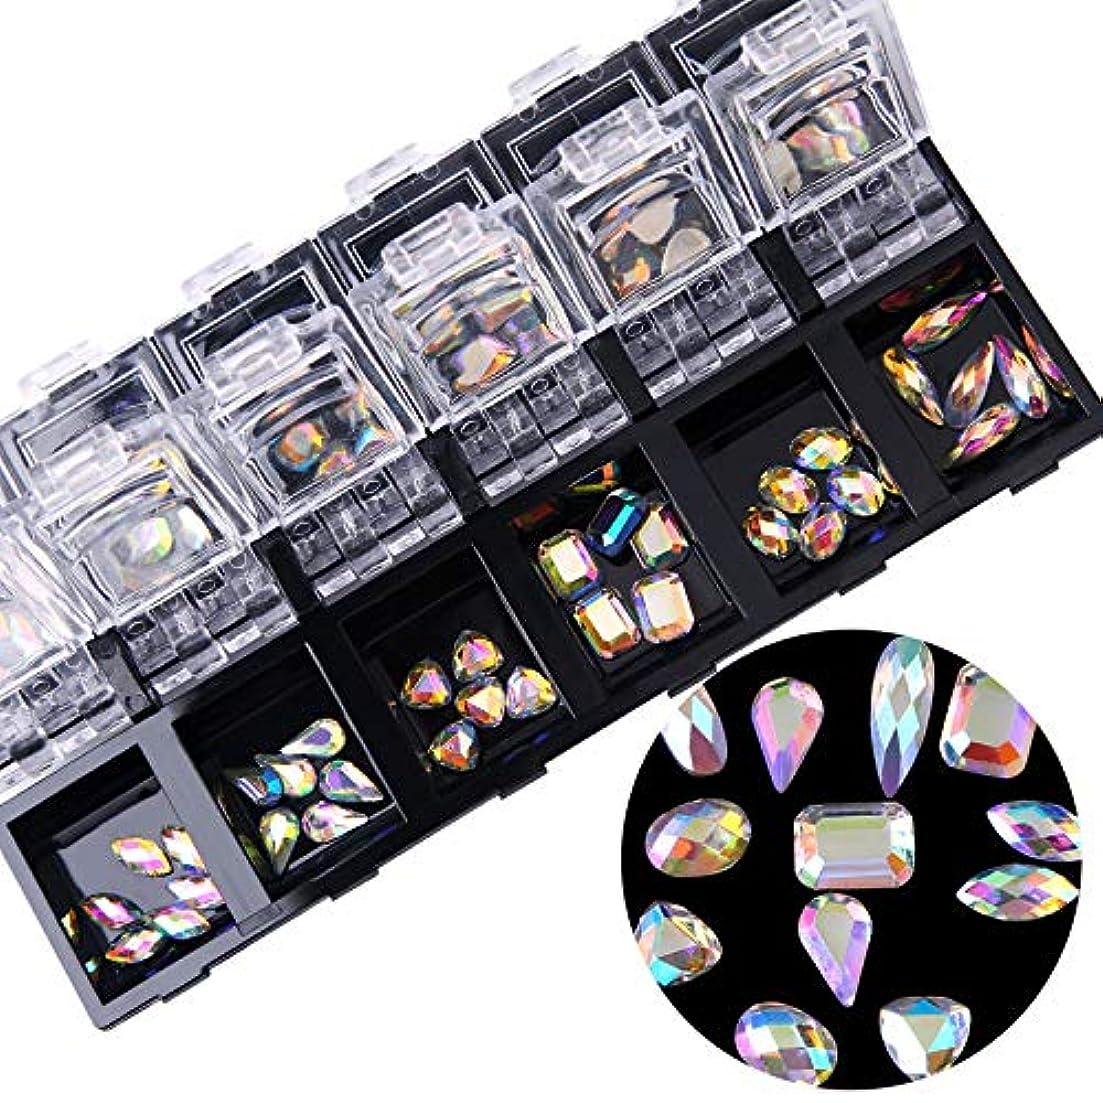 翻訳者省乱雑な1ボックスシルバーフラットバックネイルアートホログラフィックラインストーンジュエリーabクリスタルダイヤモンドジェルのヒントデコレーションケース